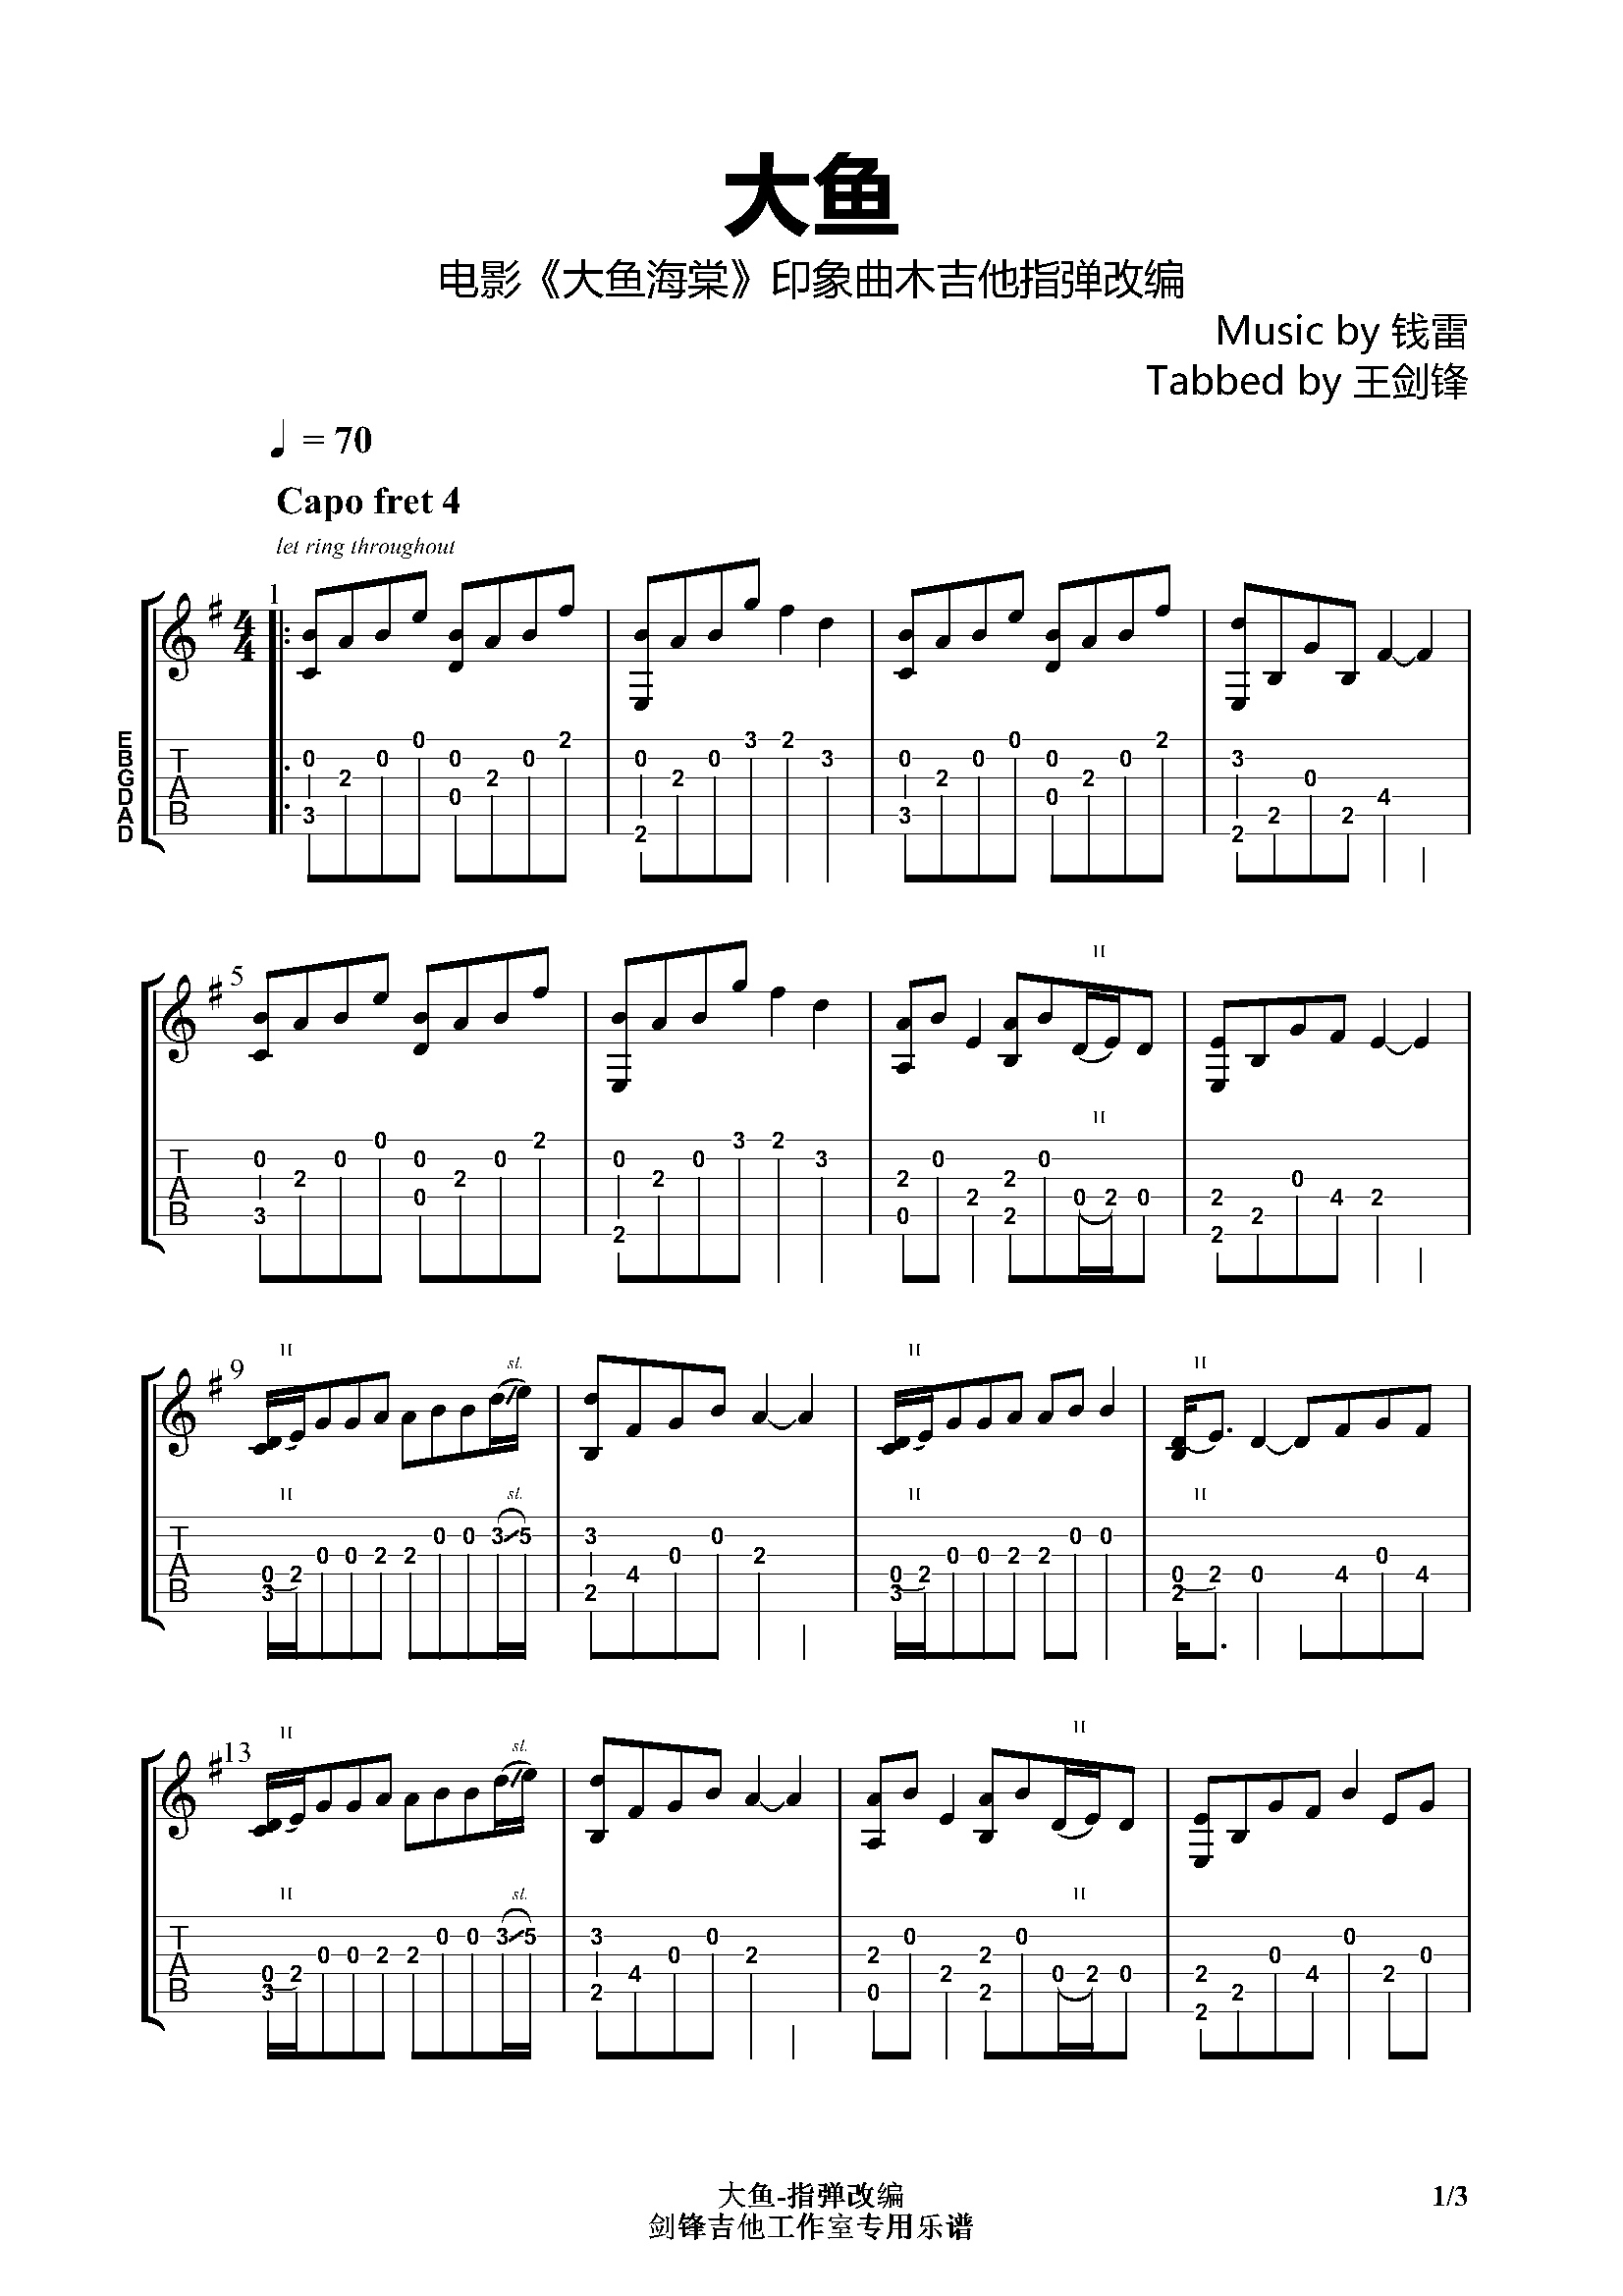 大鱼-木吉他指弹改编大鱼海棠印象曲周深演唱